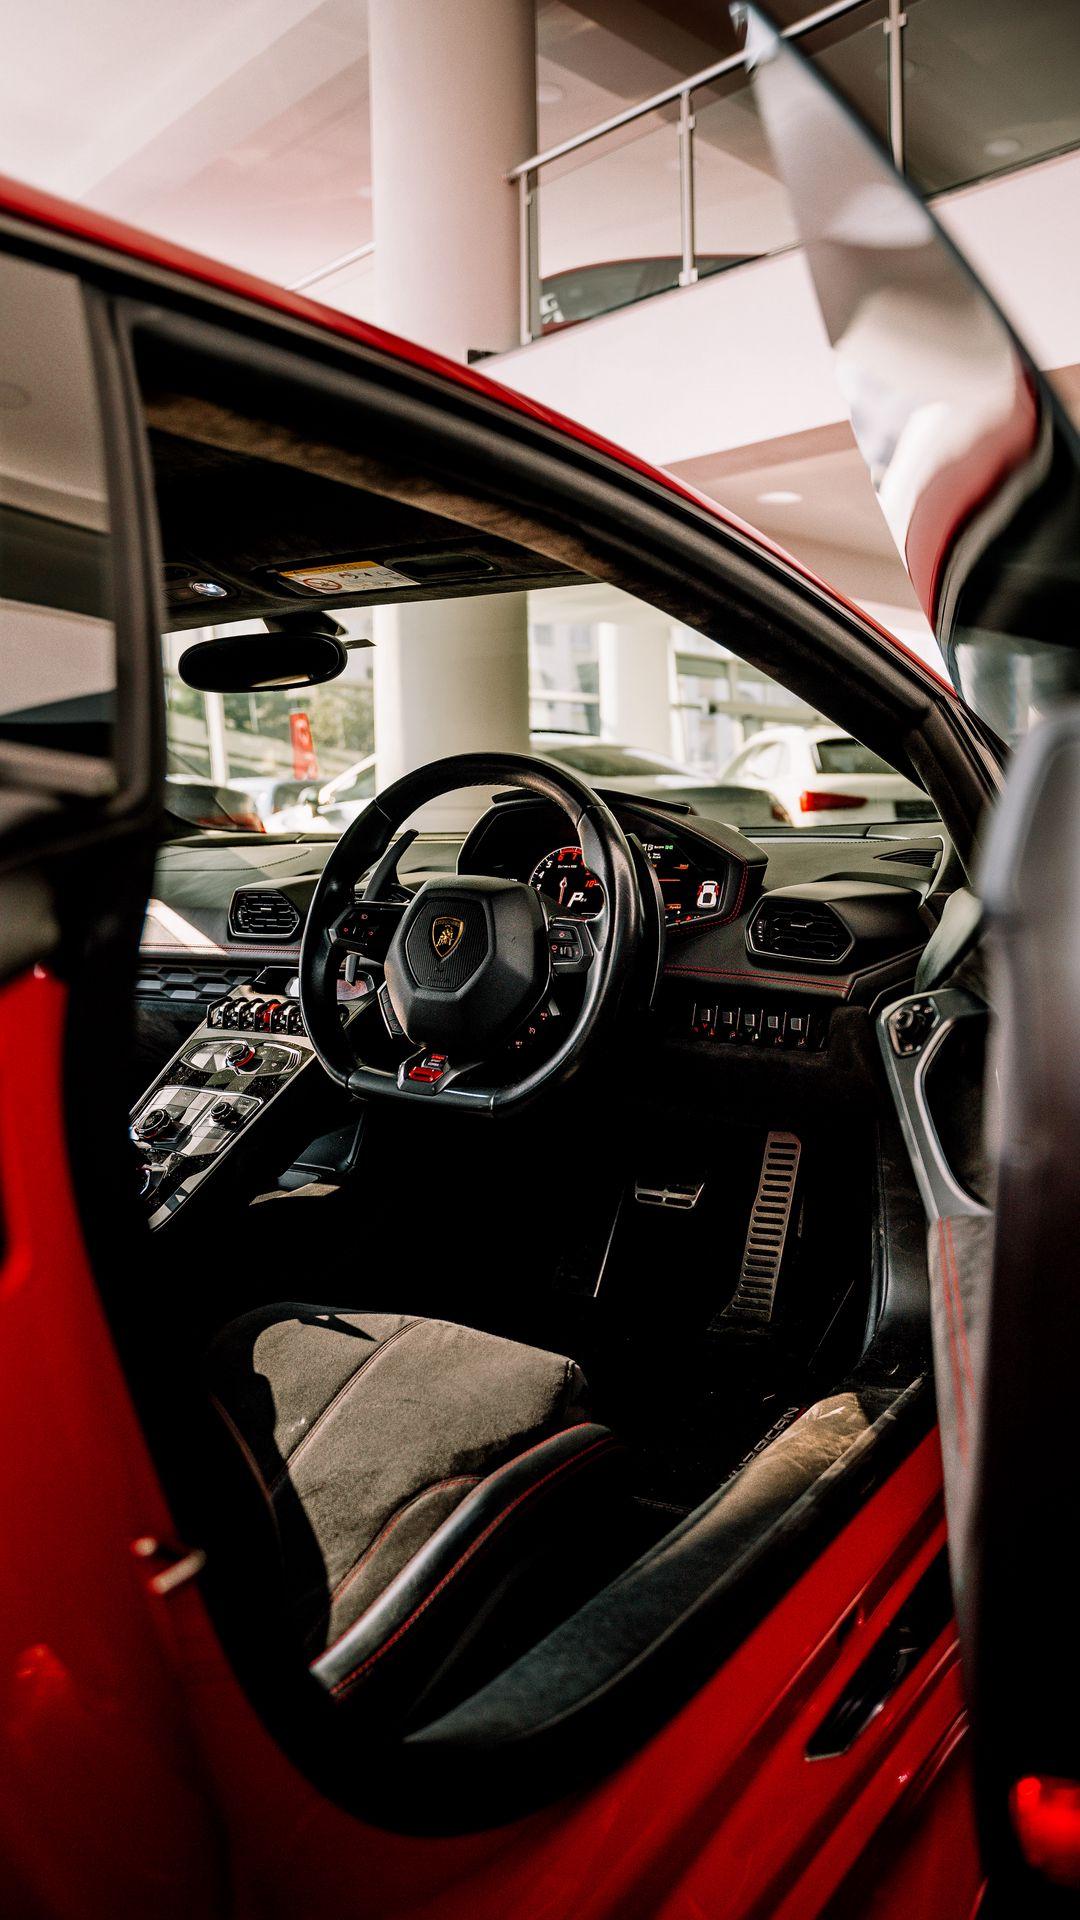 Lamborghini Sport HD Wallpapers Free Download